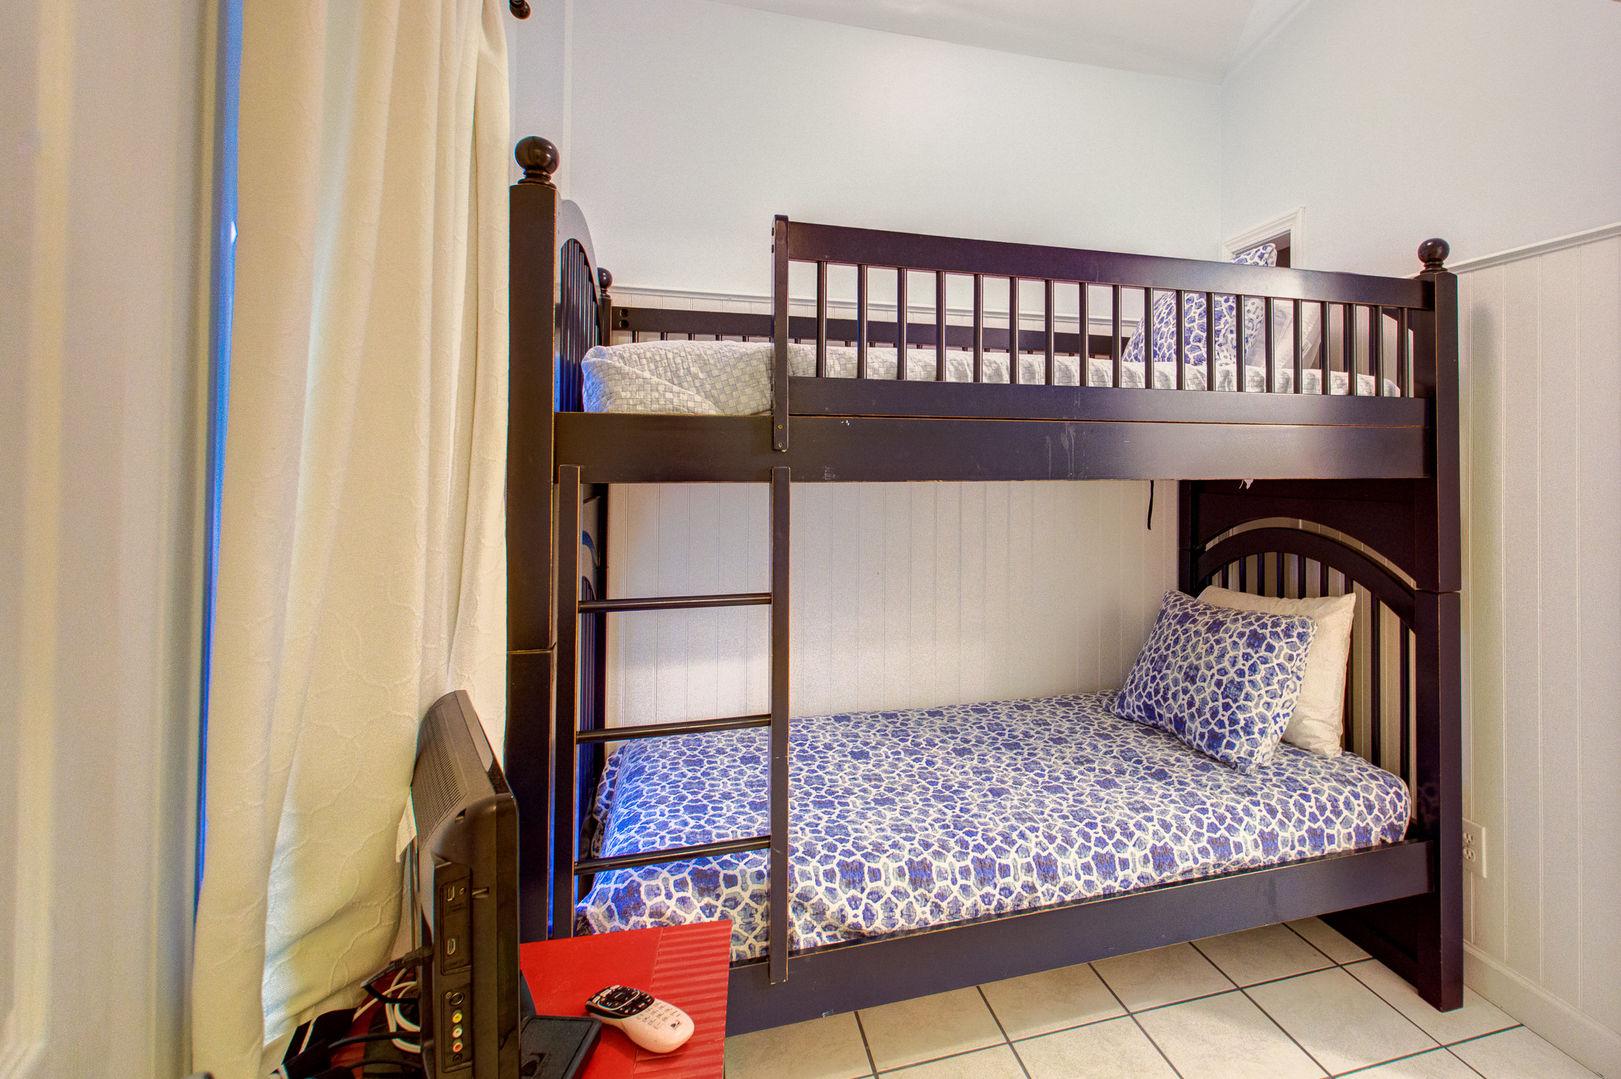 Bedroom Features Wooden Bunk Bed.